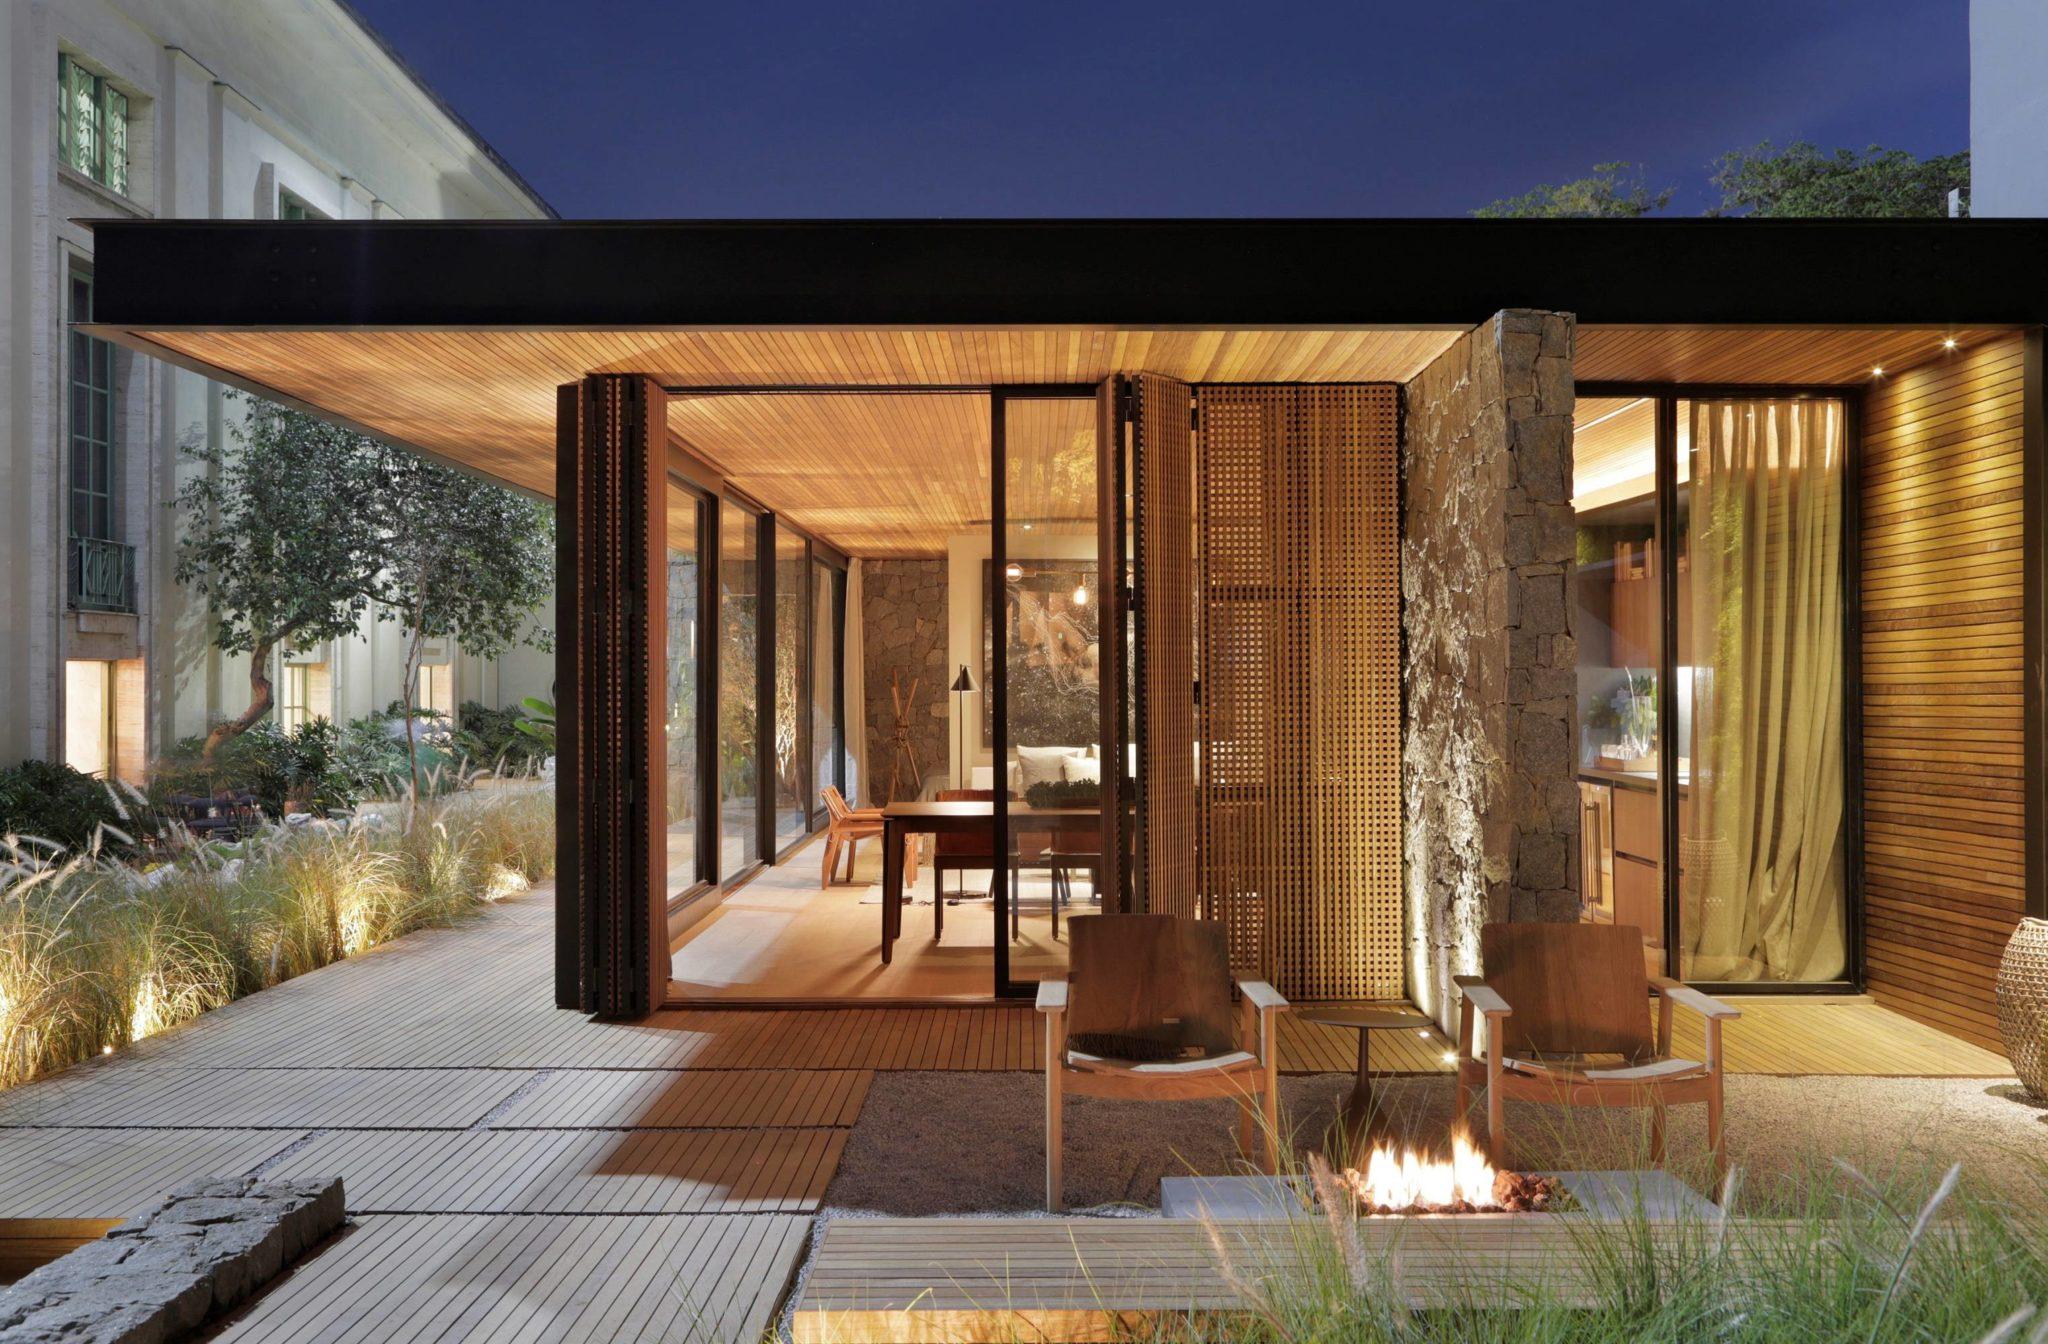 Casa do futuro: tendências para